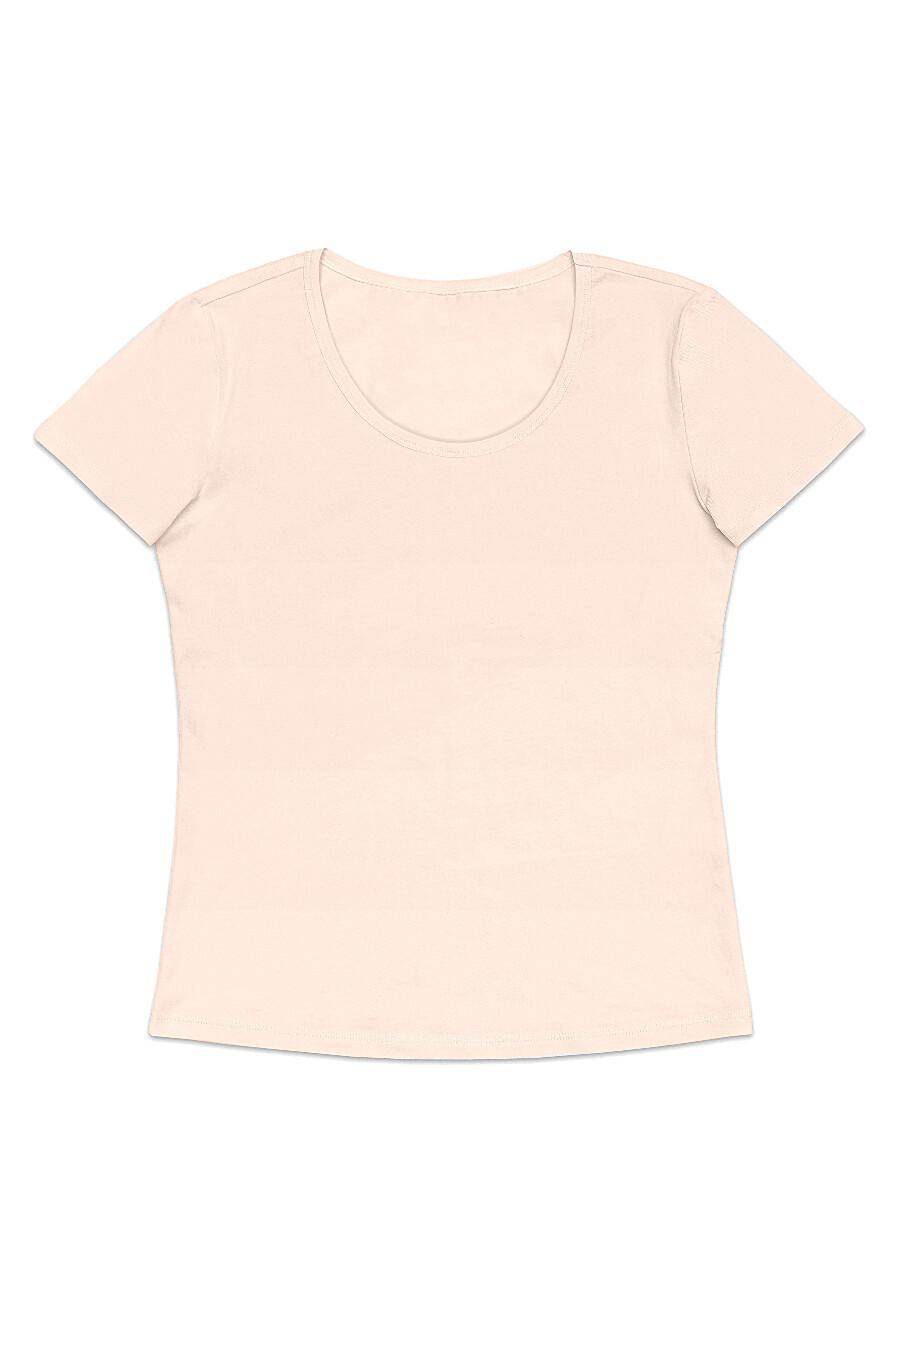 Футболка для женщин CONTE ELEGANT 272992 купить оптом от производителя. Совместная покупка женской одежды в OptMoyo